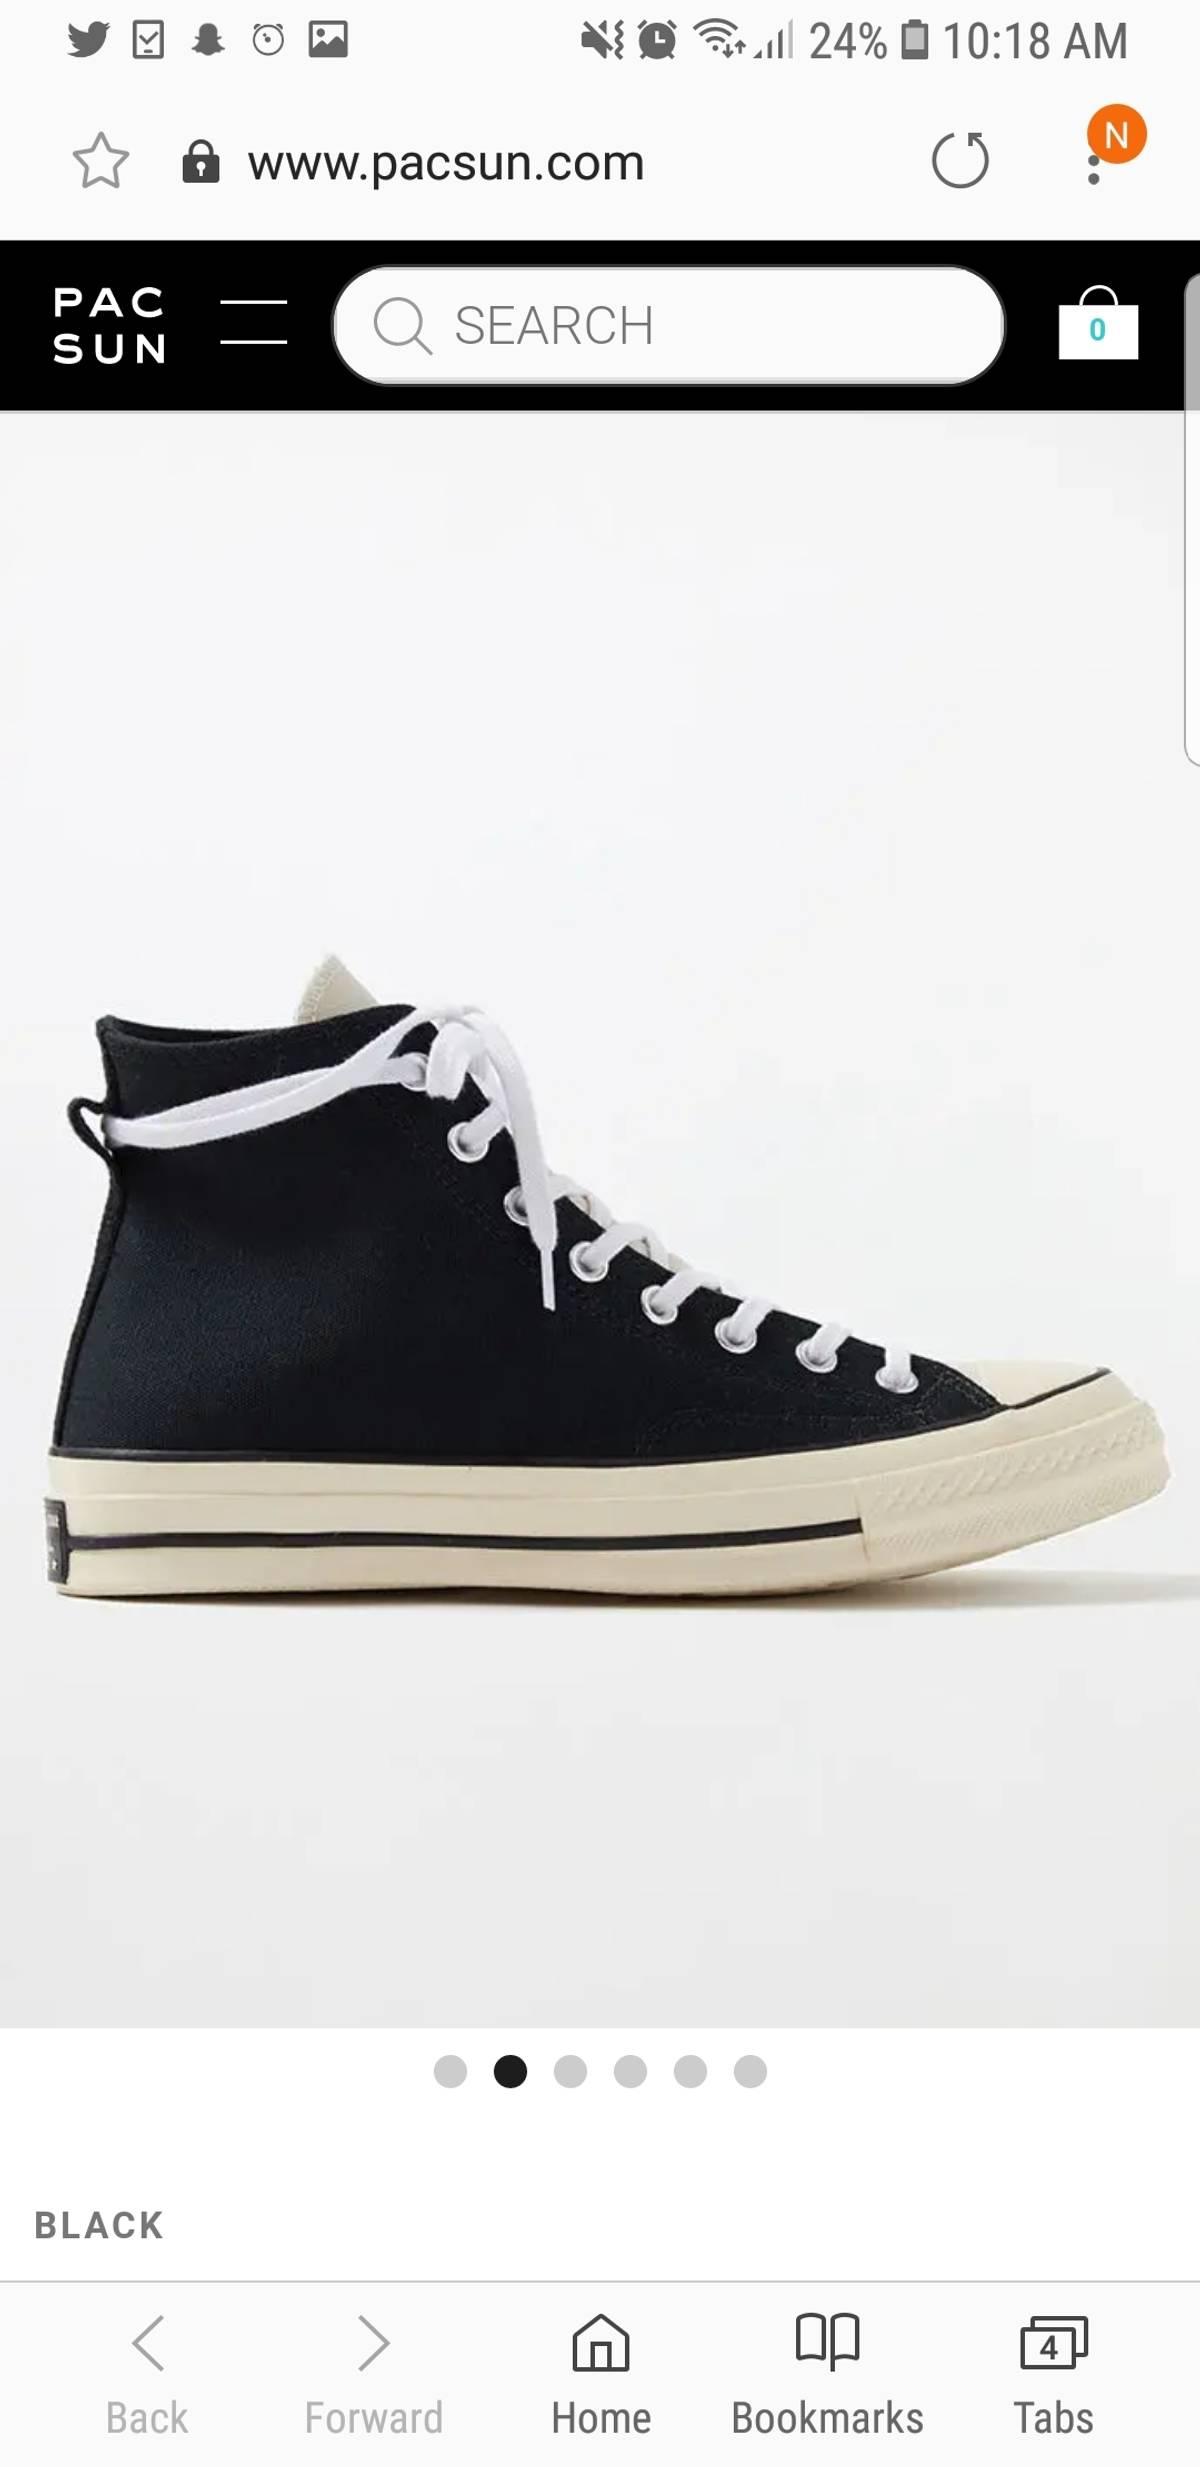 d82ec9ae39ee9f Converse Fear Of God Essentials x Converse Chuck 70 High Top Shoes ...